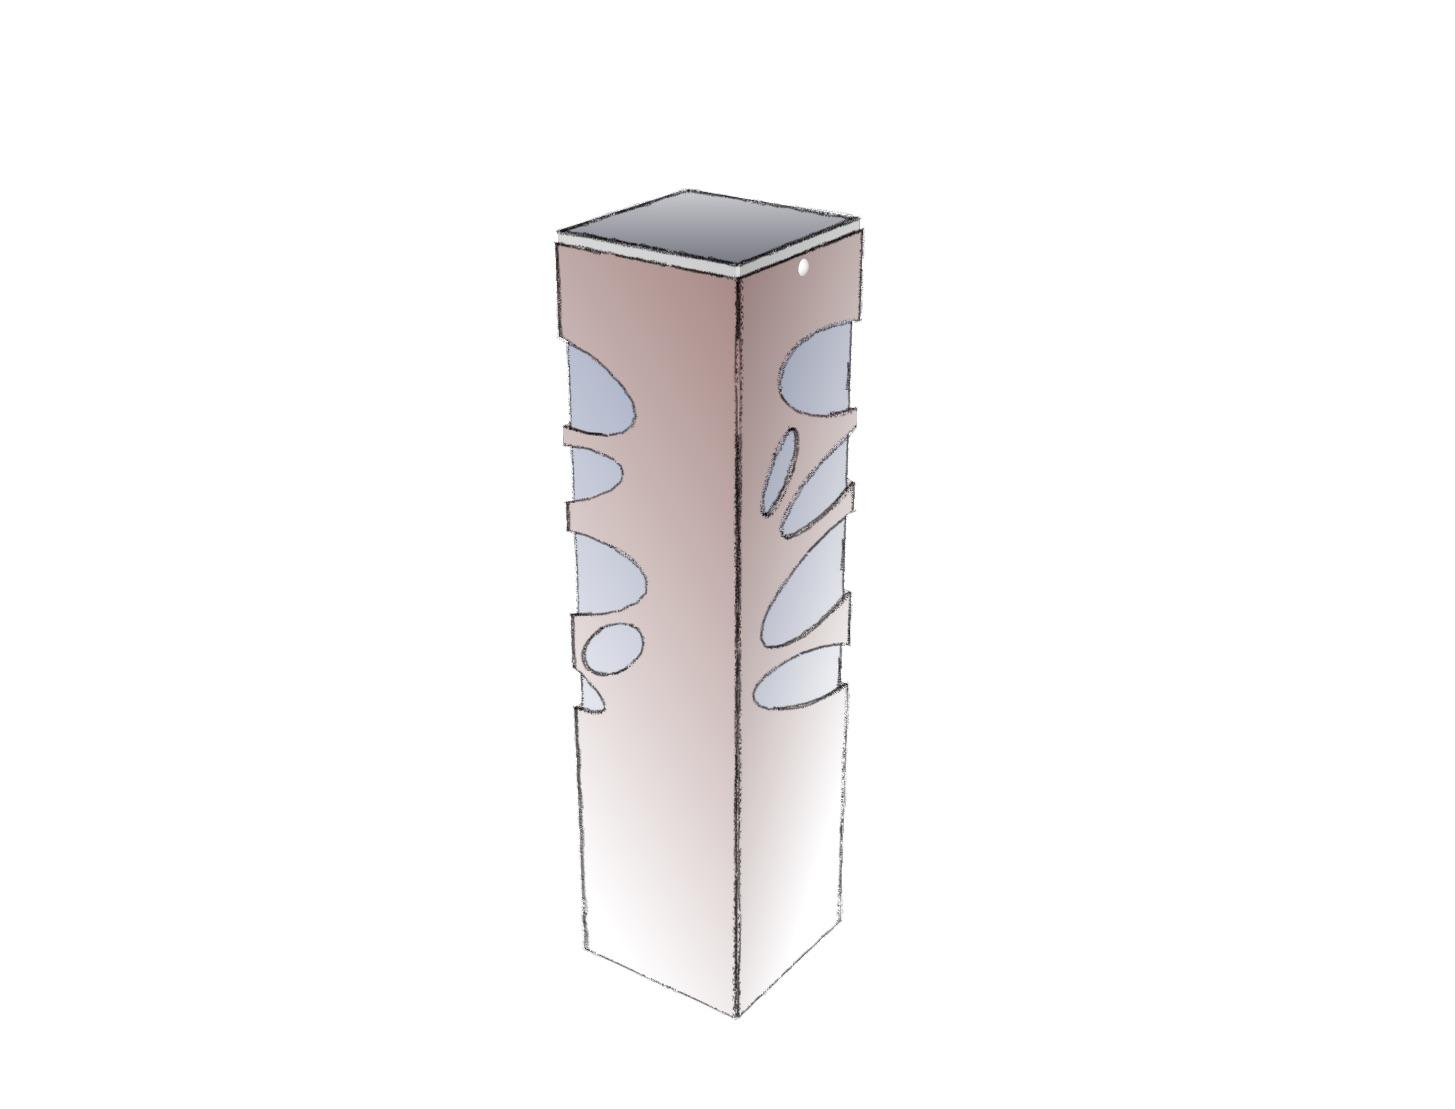 Lampe extérieure solaire en acier rouille Corten - Balise solaire pour éclairage de jardins, balisage d'allée, balisage de chemin.